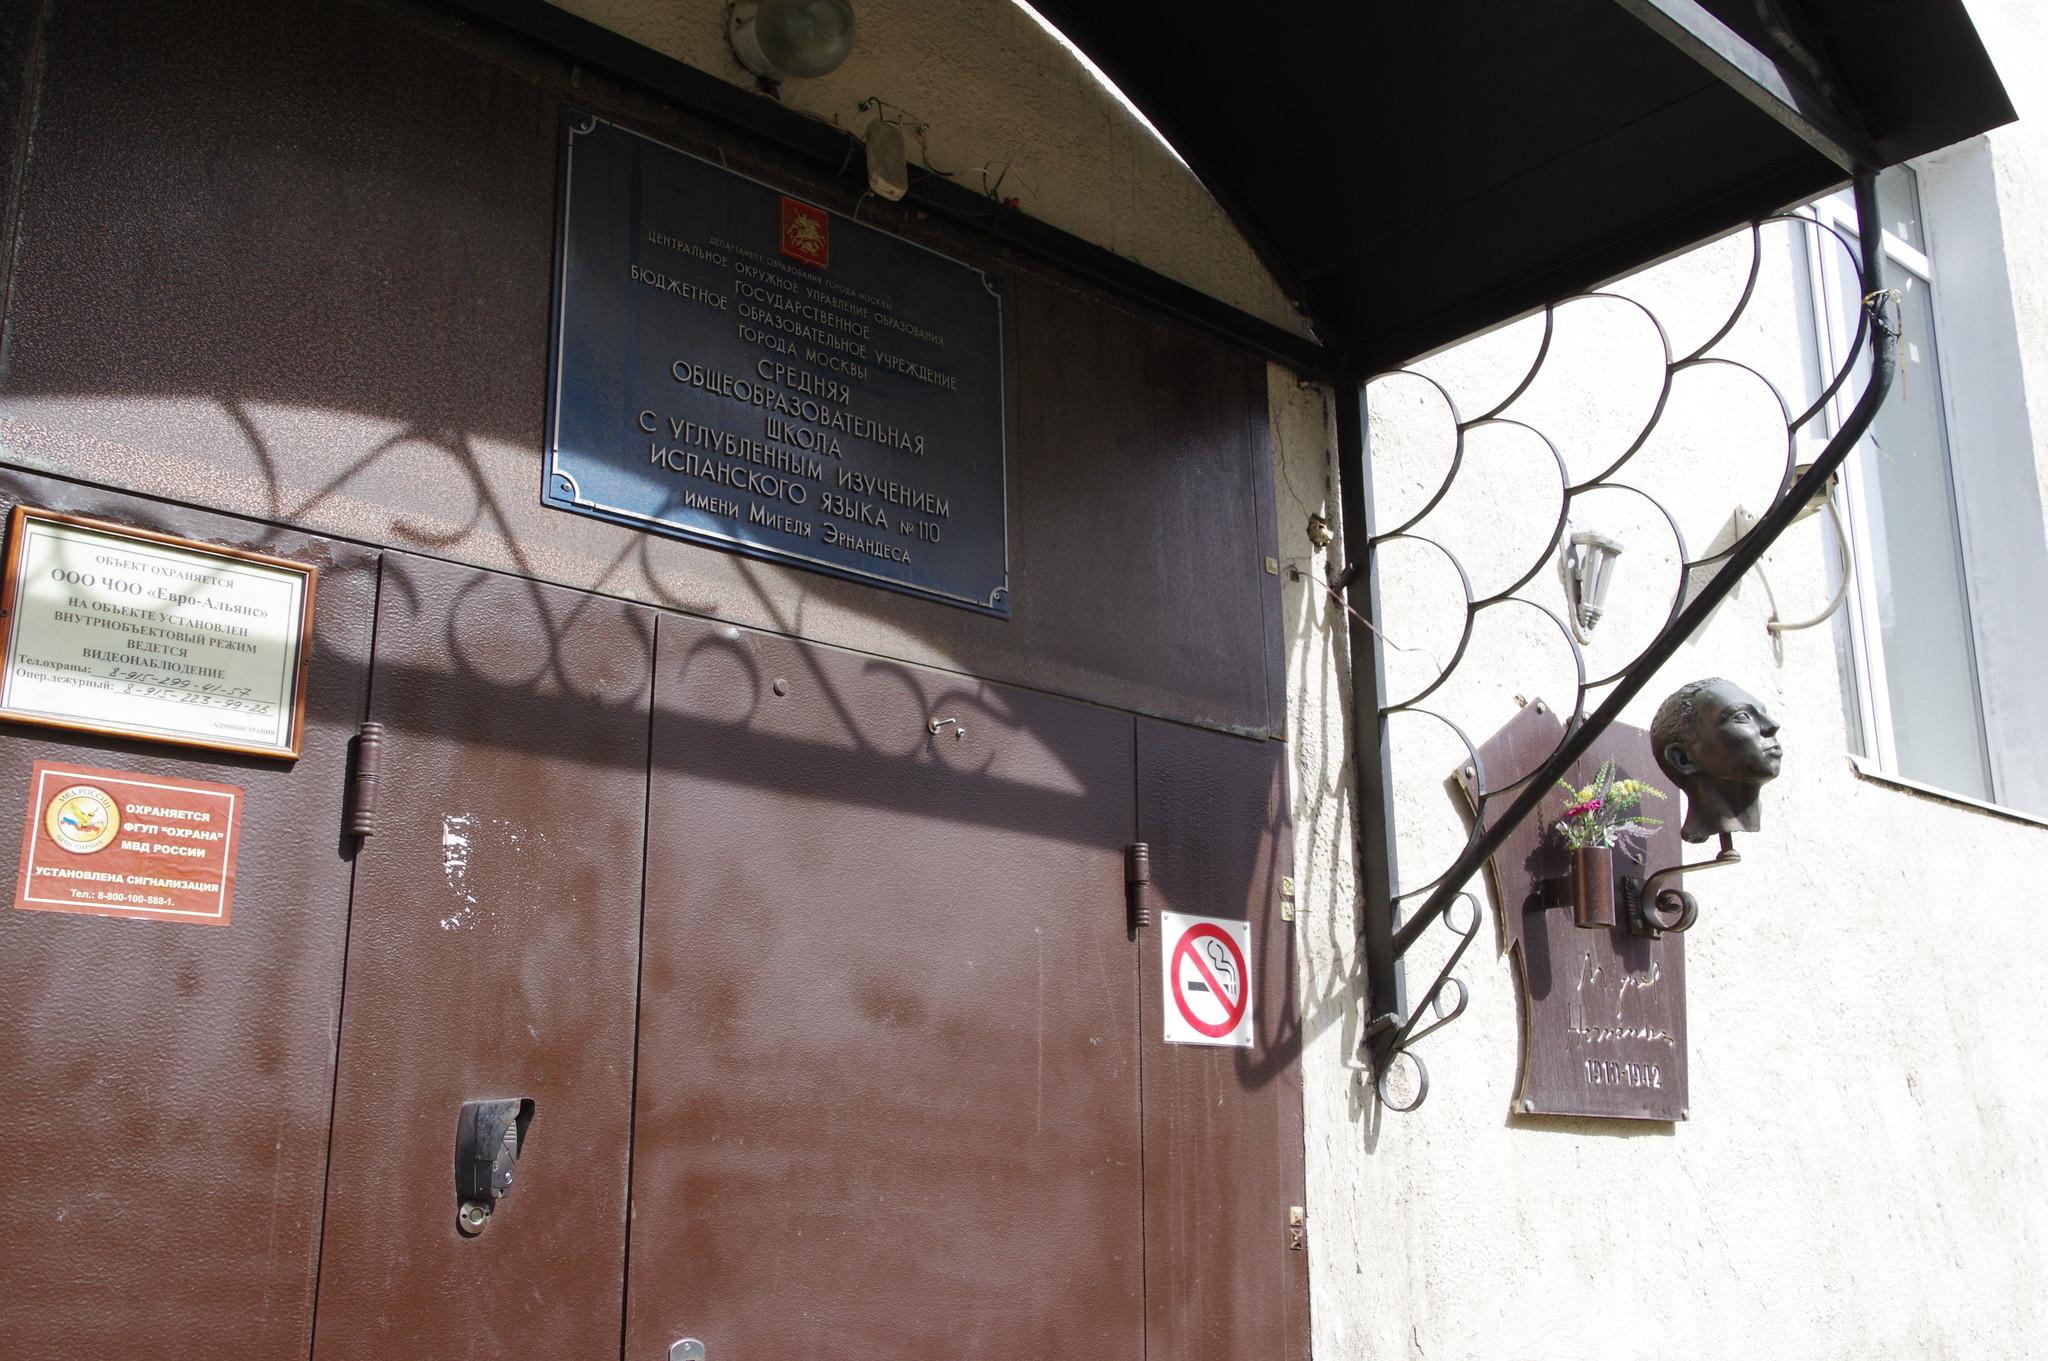 Государственное бюджетное образовательное учреждение средняя общеобразовательная школа с углублённым изучением испанского языка № 110 имени Мигеля Эрнандеса (Столовый переулок, дом 10/2, строение 1)